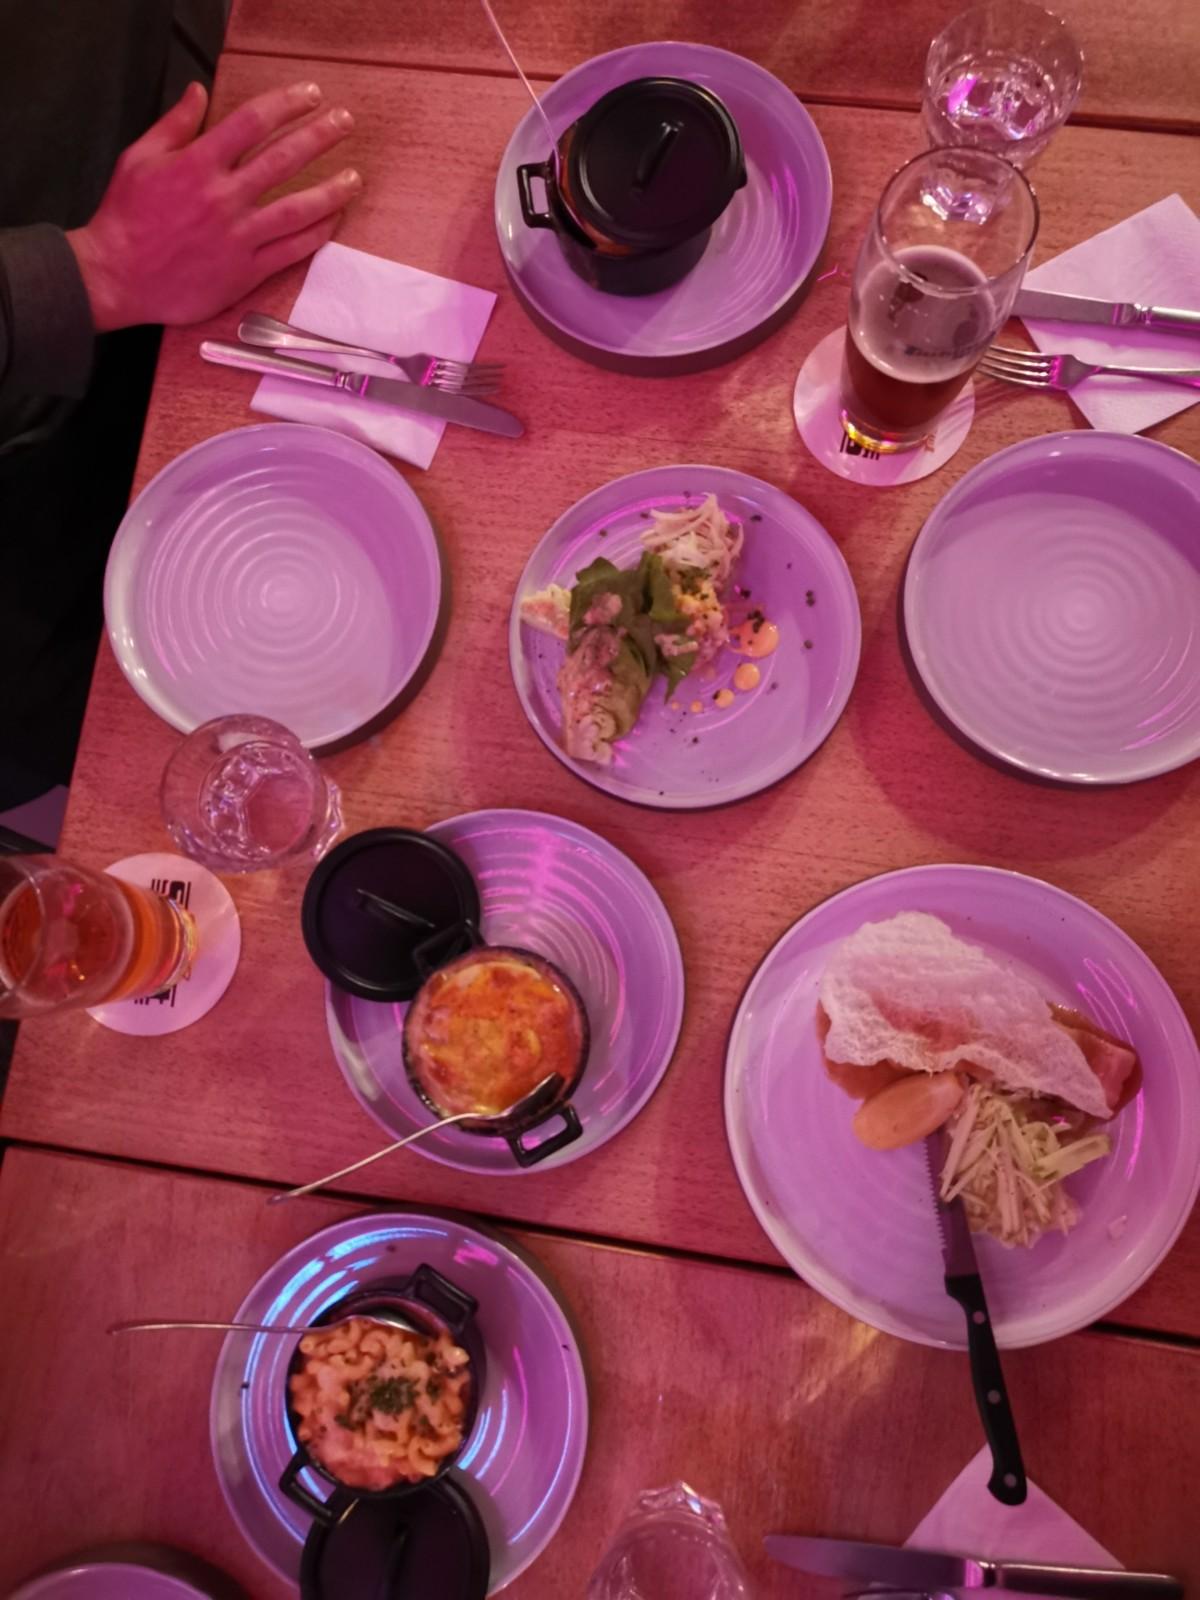 Schöne Teller, schöne Speisen. Foto: Lunchgate/Max